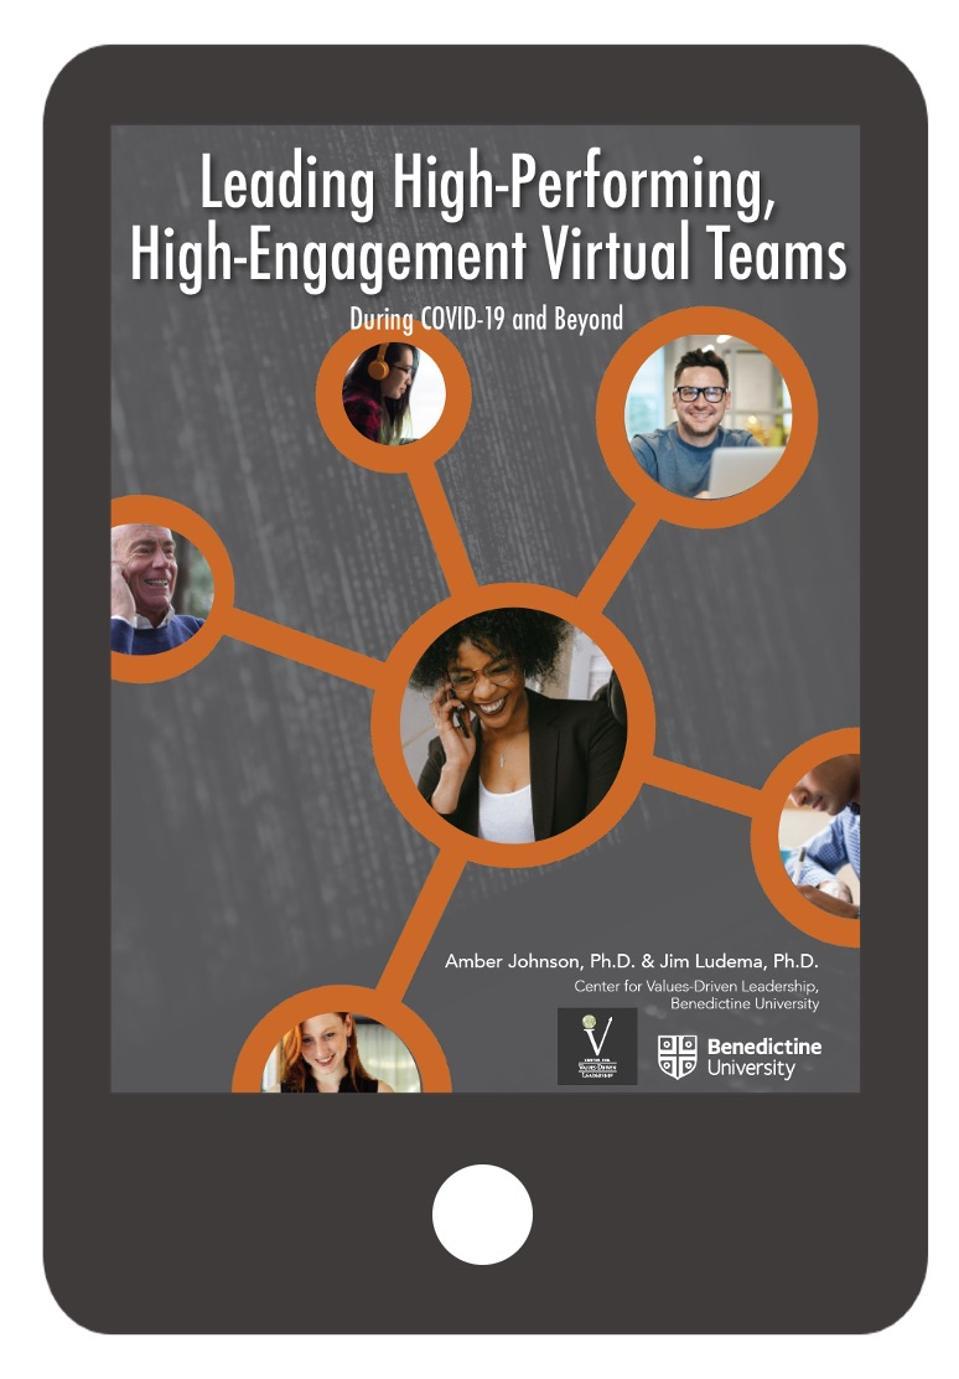 eBook on virtual team leadership